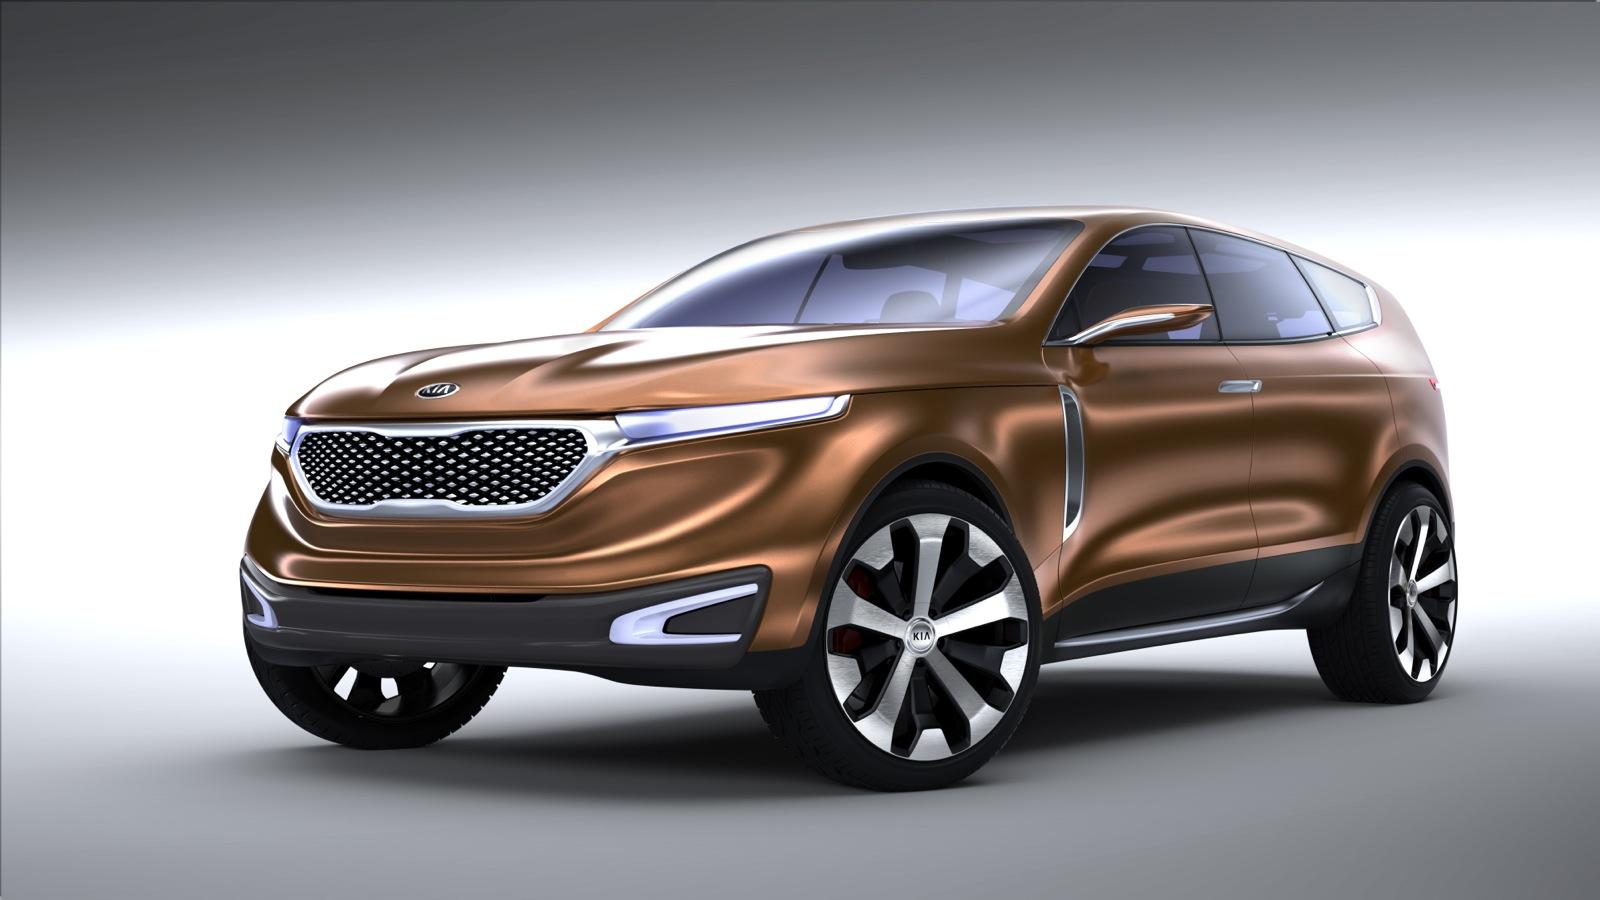 Kia Sorento 2016 Kia Sorento SUV spyshots GDI